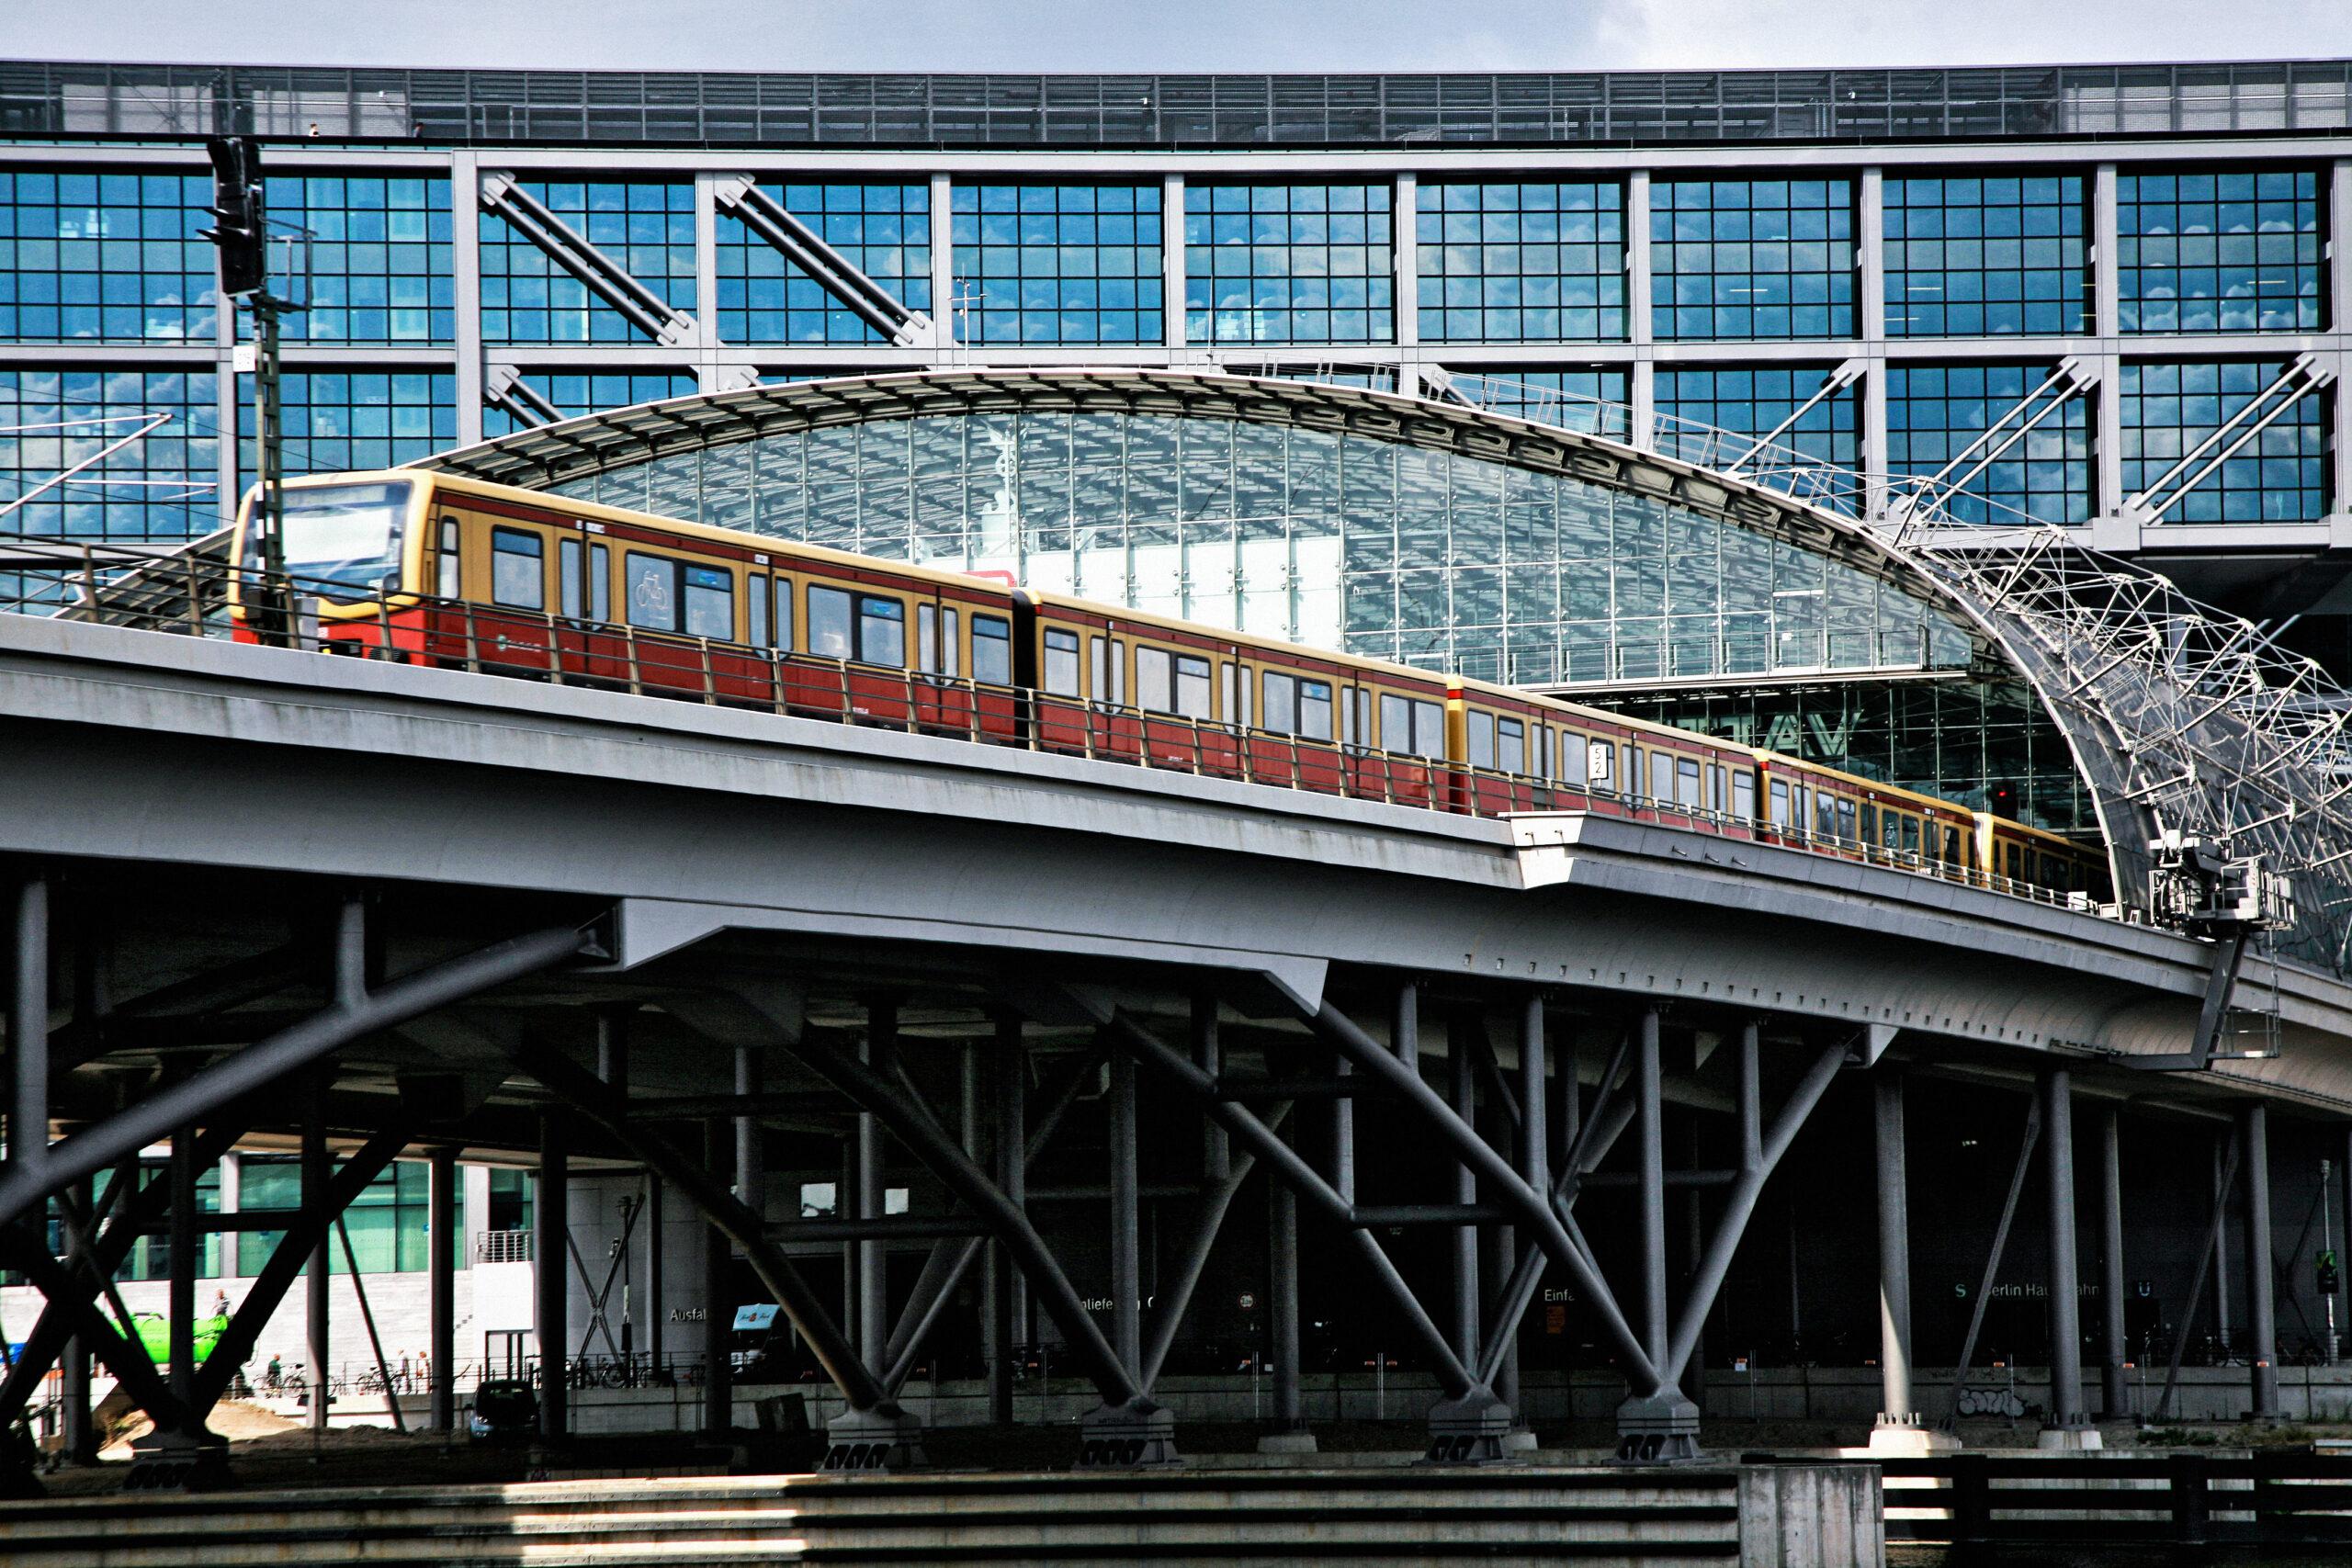 S-Bahn Berlin departing Berlin Central Station